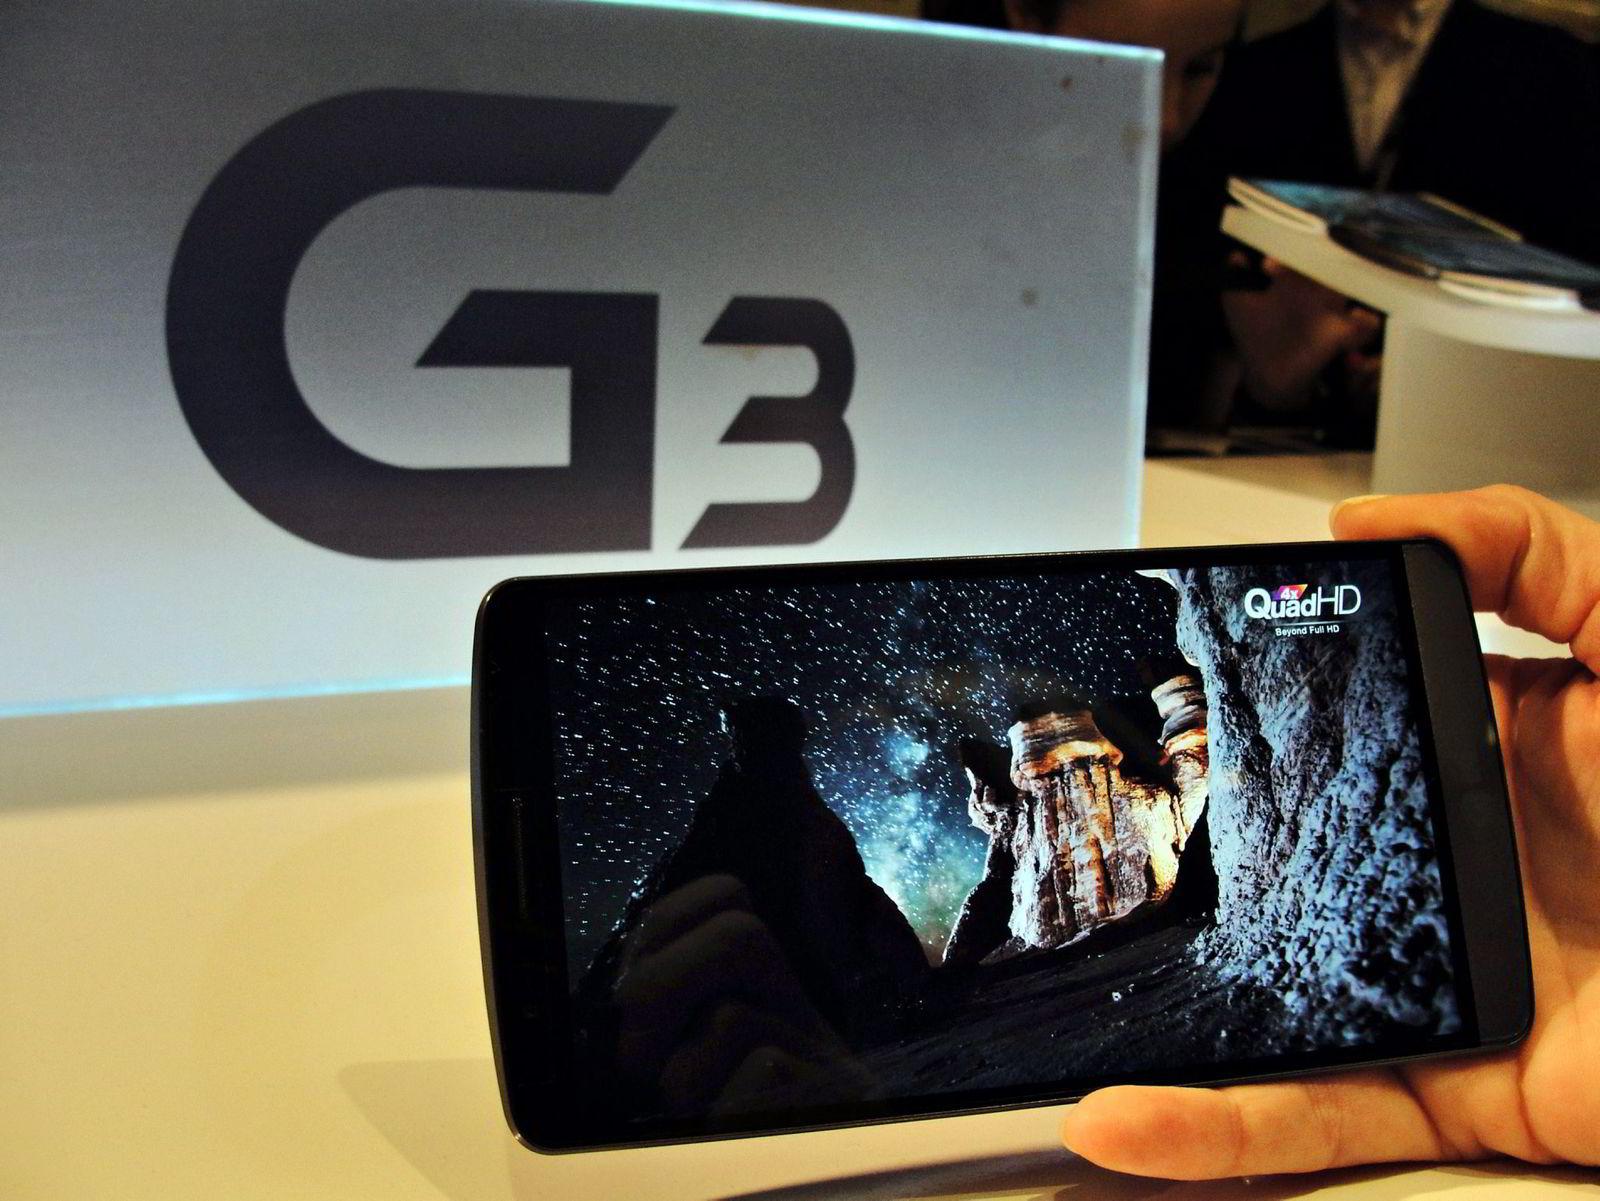 RIK PÅ PIKSLER. LG G3 er den første telefonen som lanseres med QHD-skjerm, som gir den flere billedpunkter enn det en vanlig hd-tv har. Foto: Glenn Chapman, Afp/NTB Scanpix